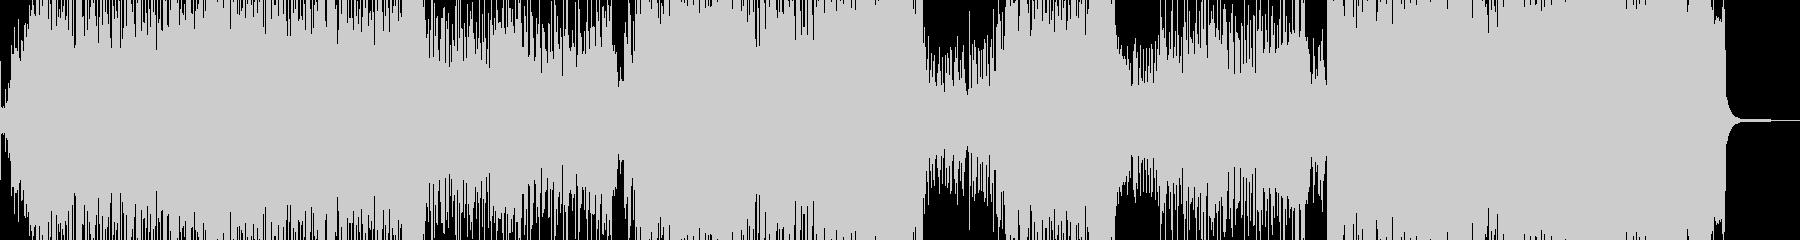 琴・尺八・全速力な演歌調ロック 長尺の未再生の波形